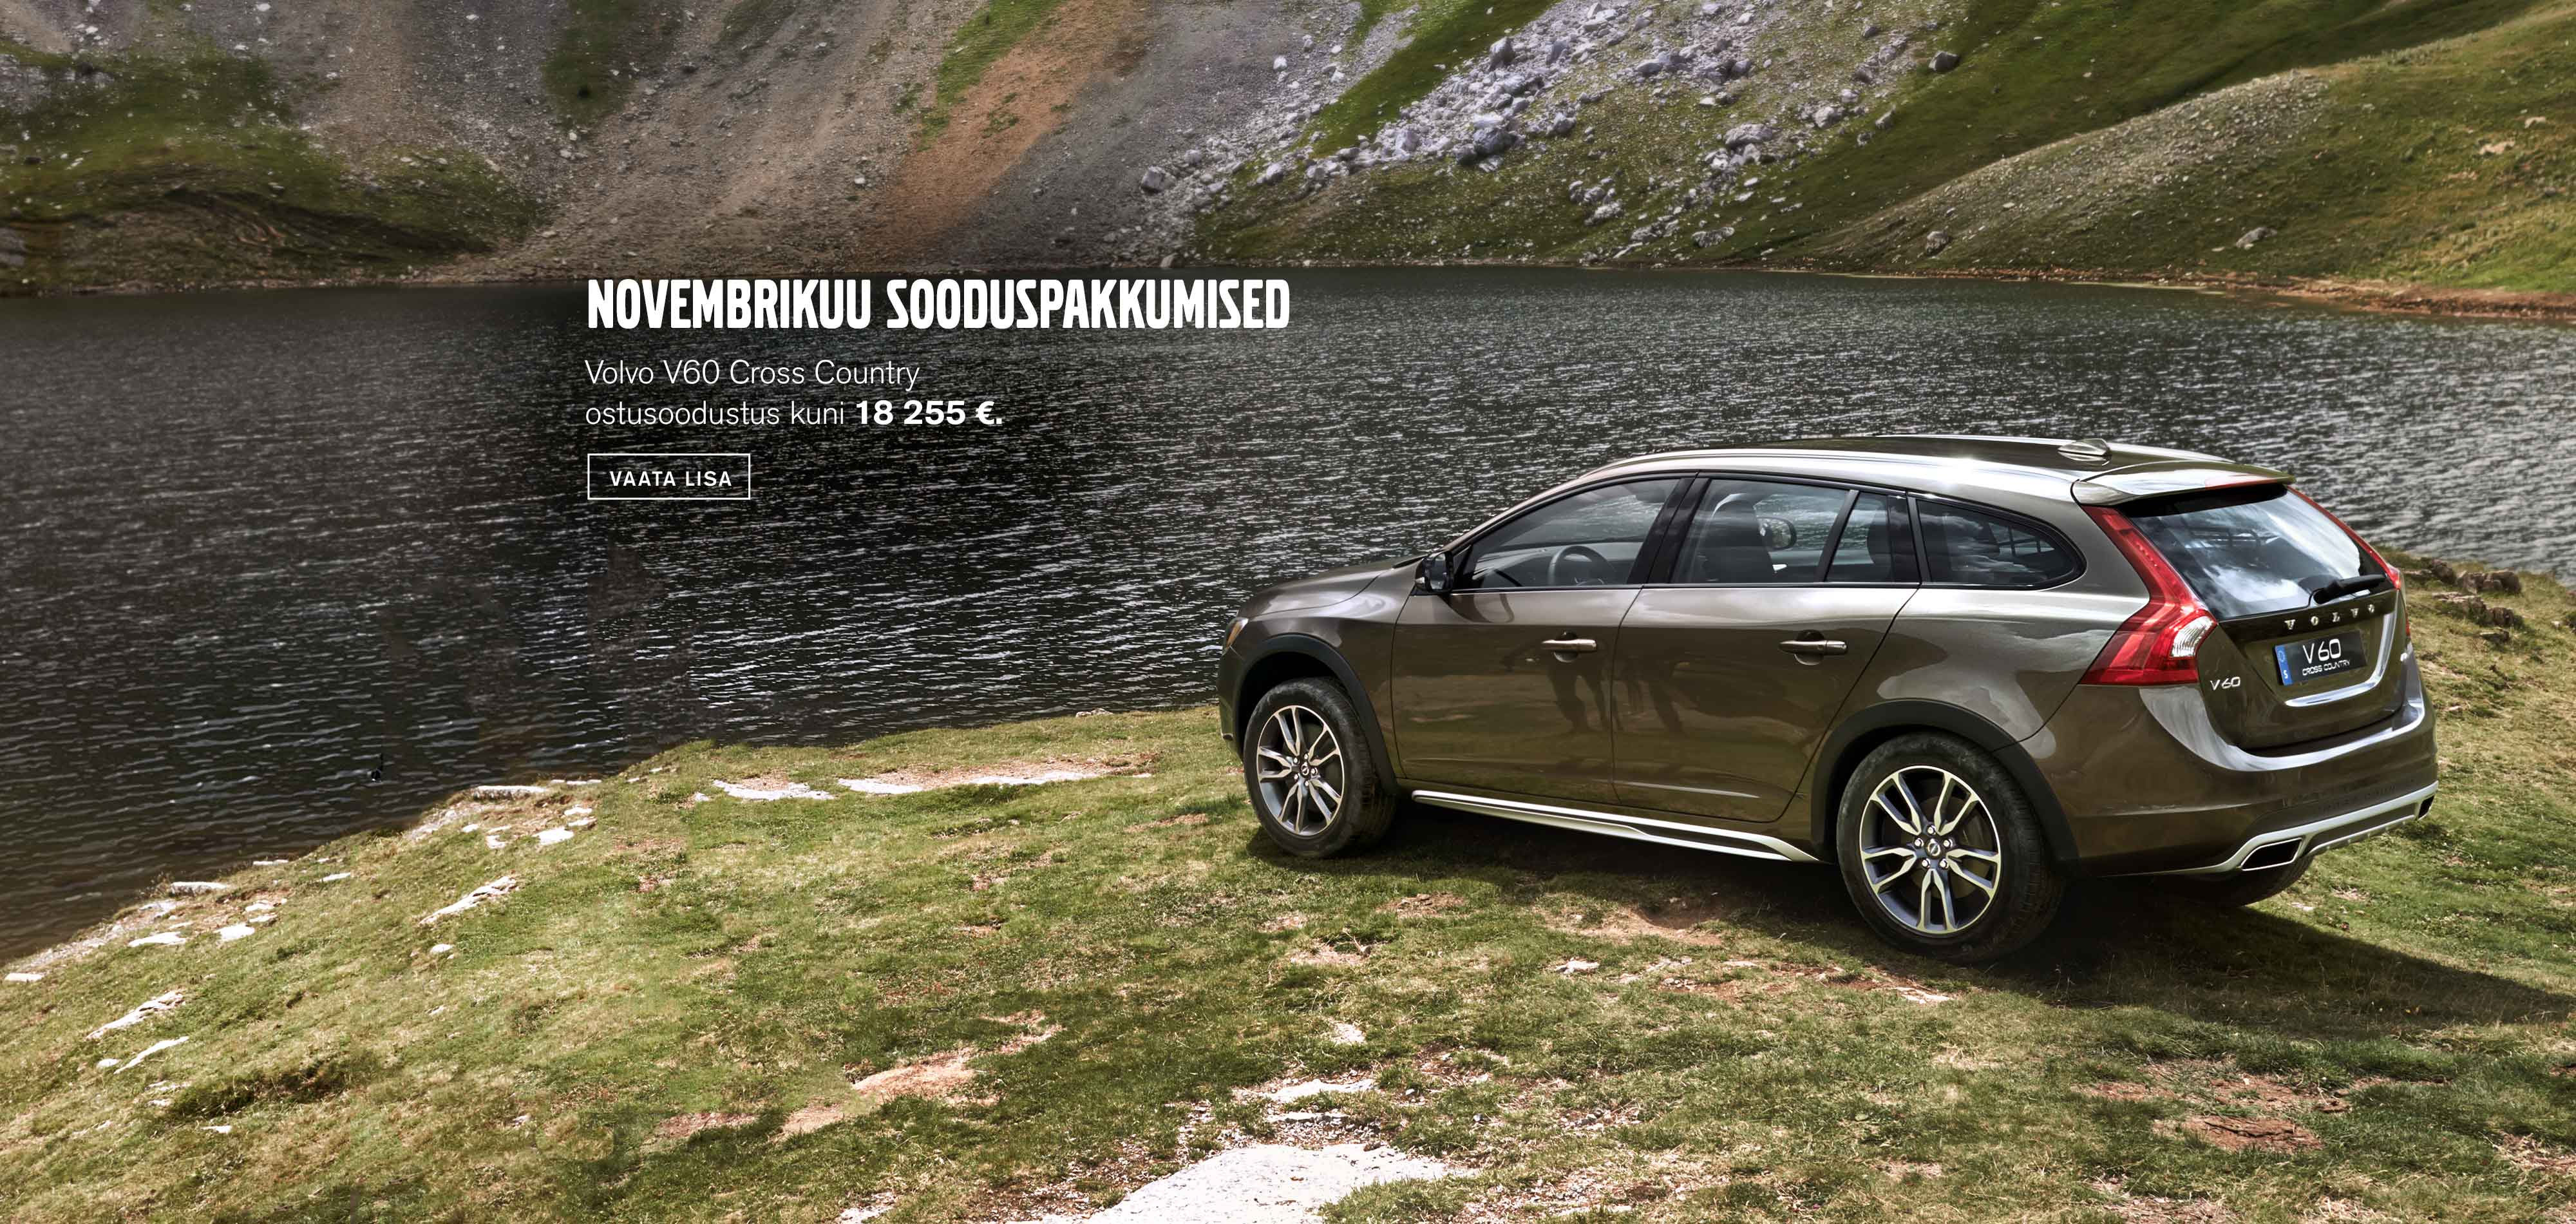 Volvo V60 Cross Country novembrikuu sooduspakkumised